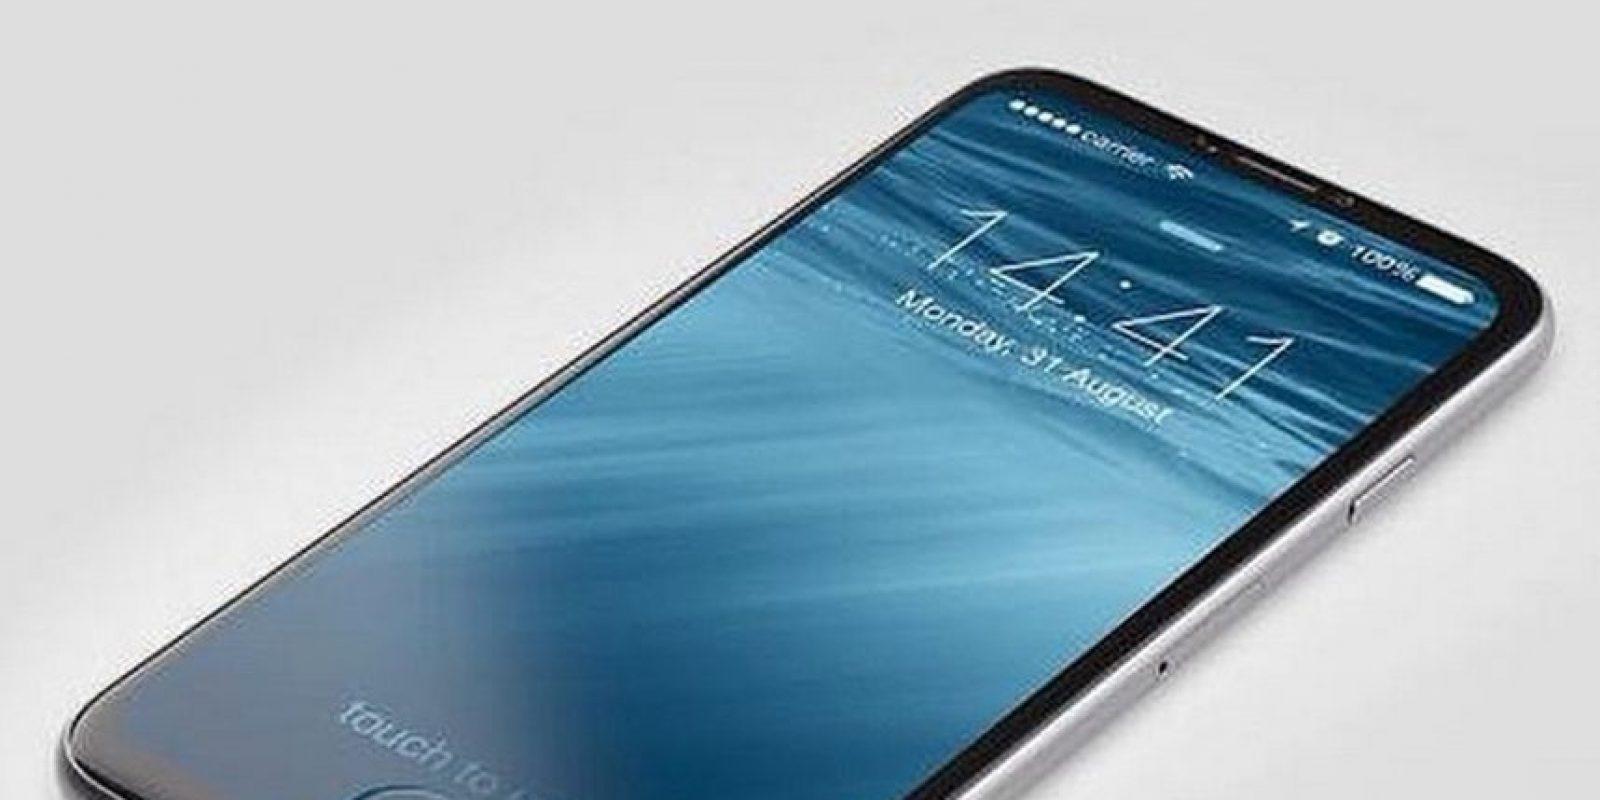 Algunos seguidores de la marca imaginan al móvil con una pantalla más amplia e incluso sin botón de inicio Foto:Tumblr